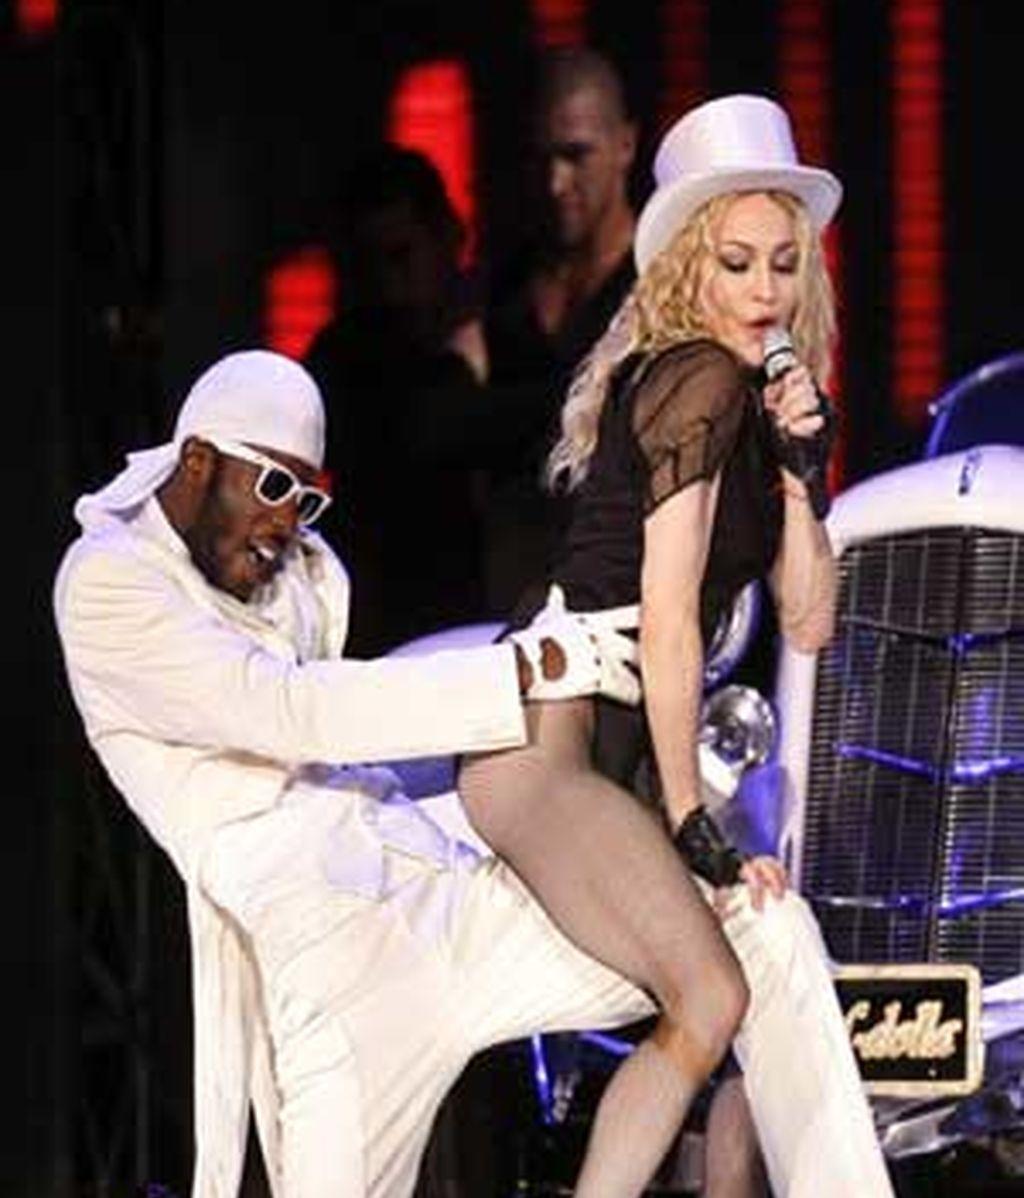 """La cantante estadounidense Madonna  durante su concierto en el estadio de Maracaná, en Río de Janeiro (Brasil), en el marco de su gira """"Sticky and Sweet Tour"""". Foto:EFE"""